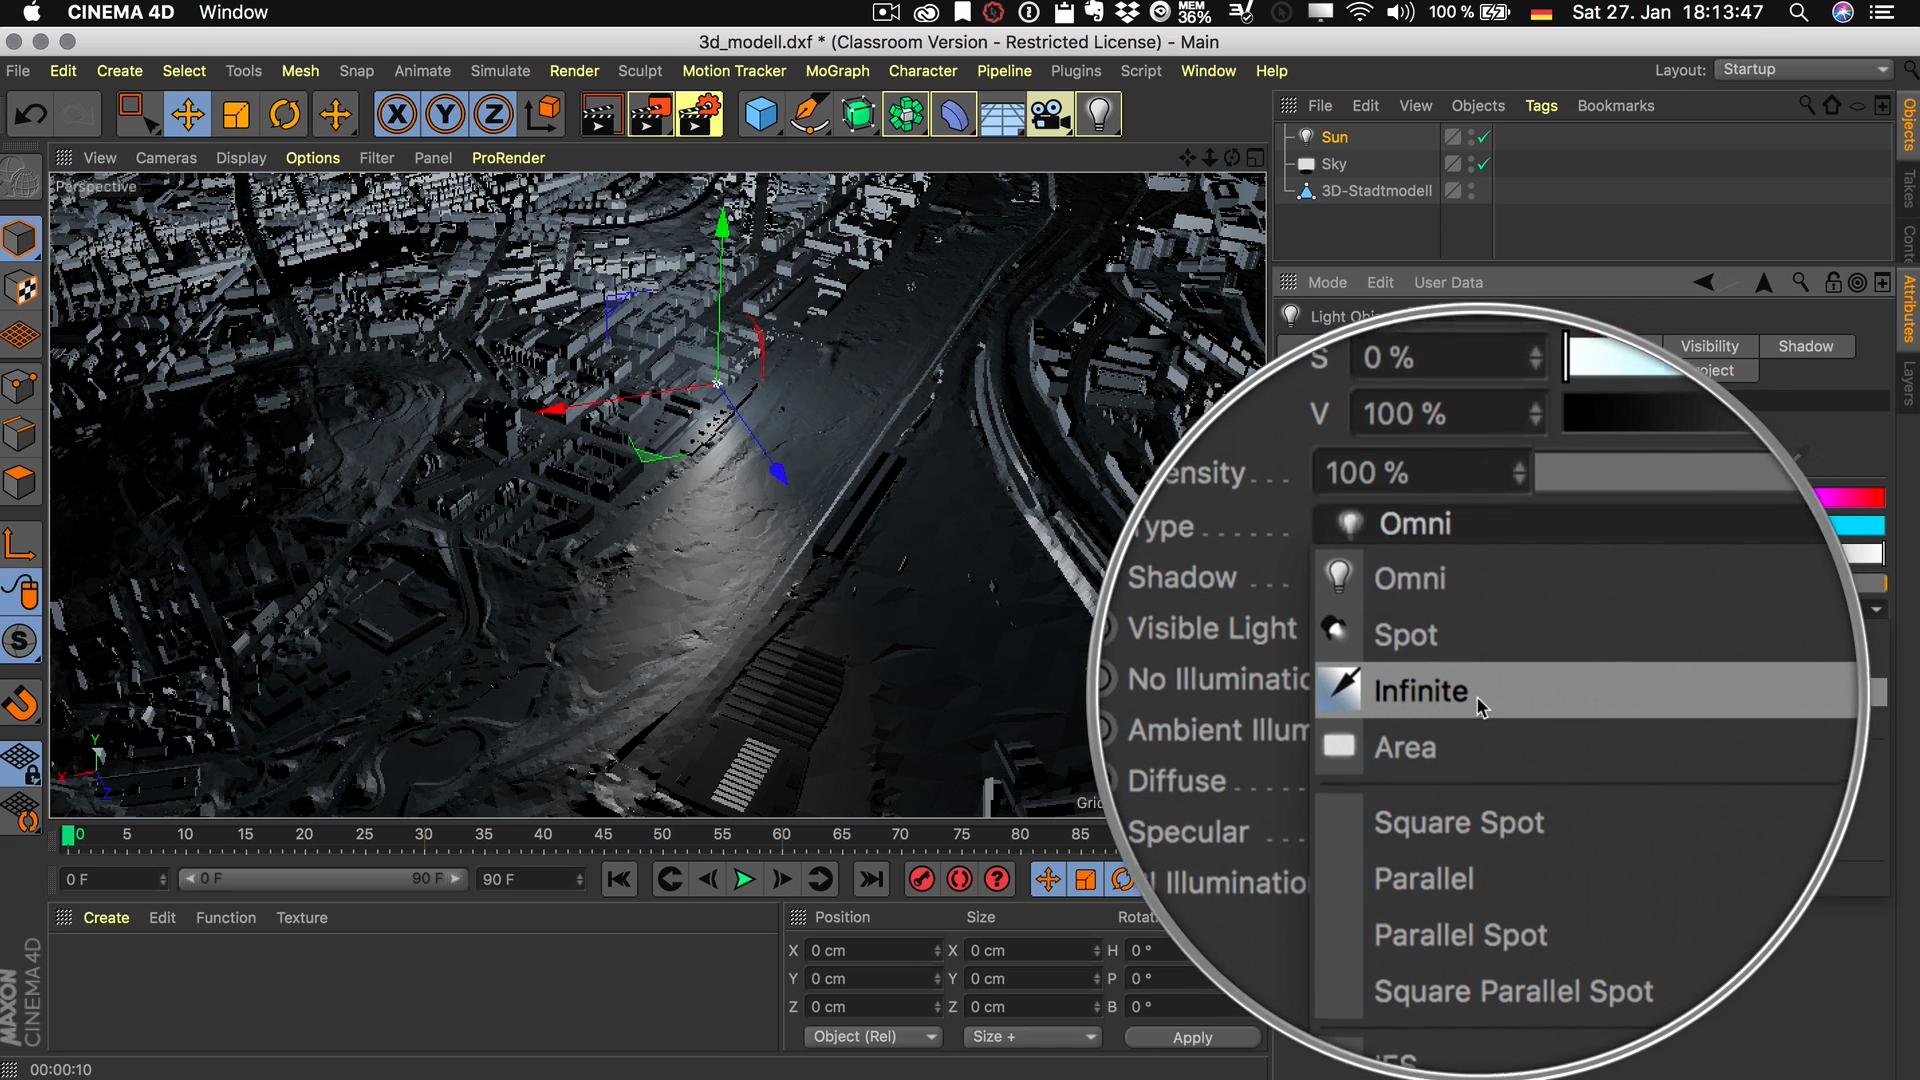 Cinema4D 3D-Stadtmodell Lichtquelle Typ Unendlich Infinite